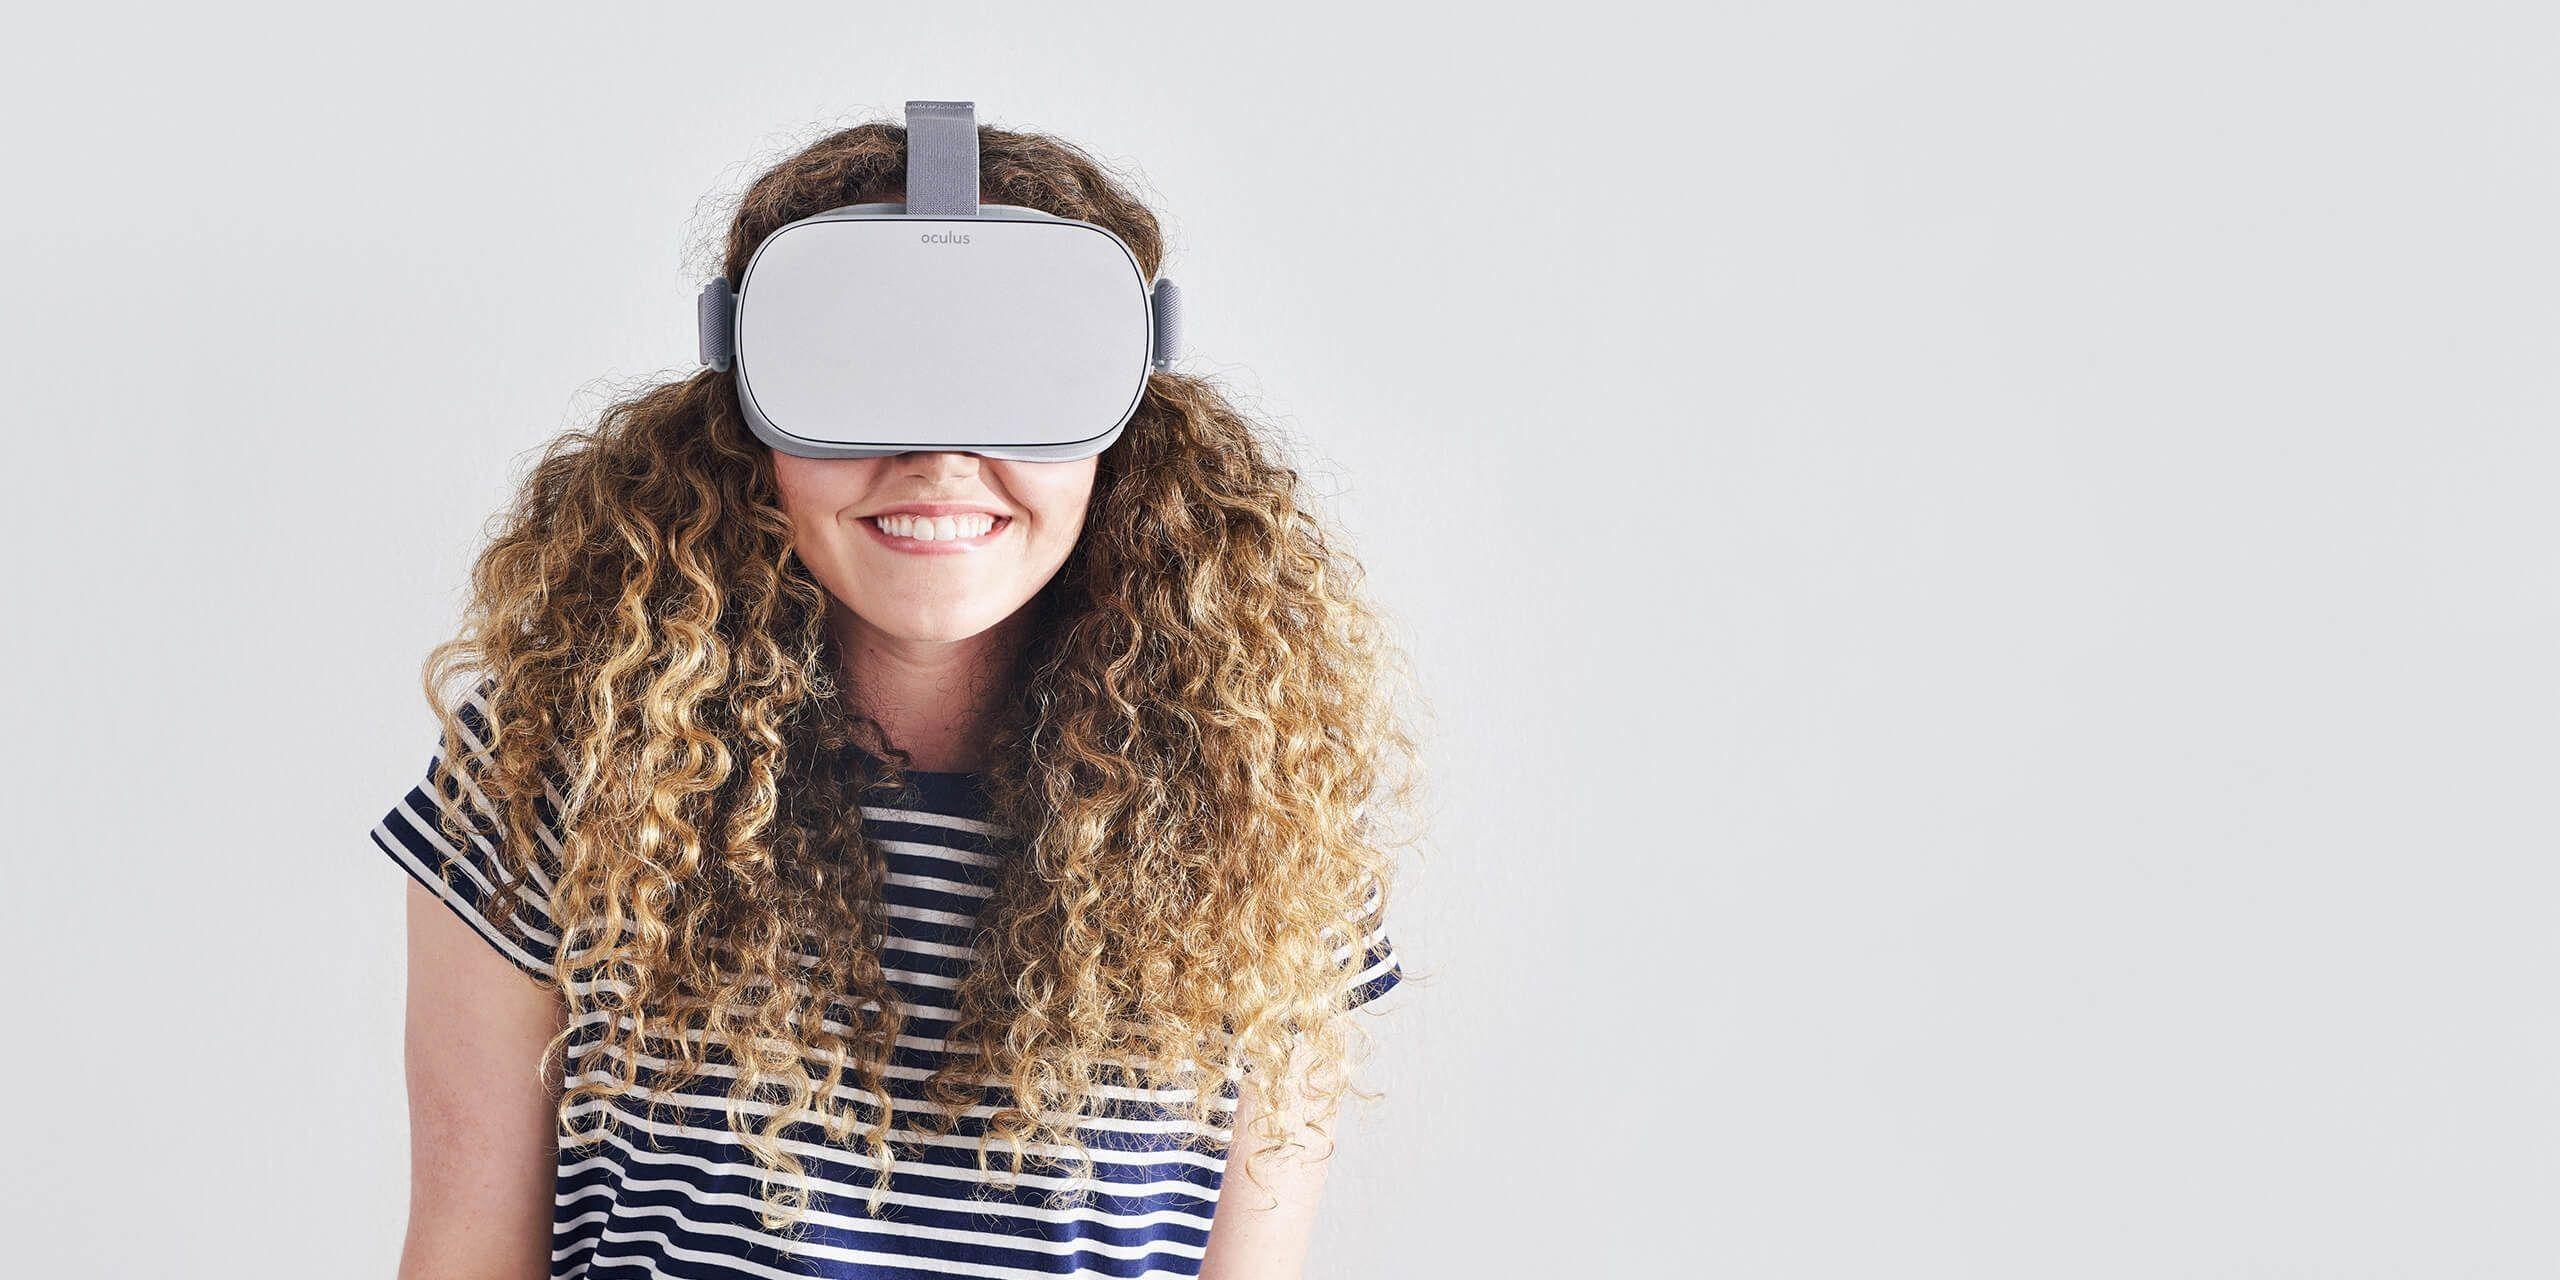 Oculus Quest Oculus Quest Buy Ireland Oculus vr